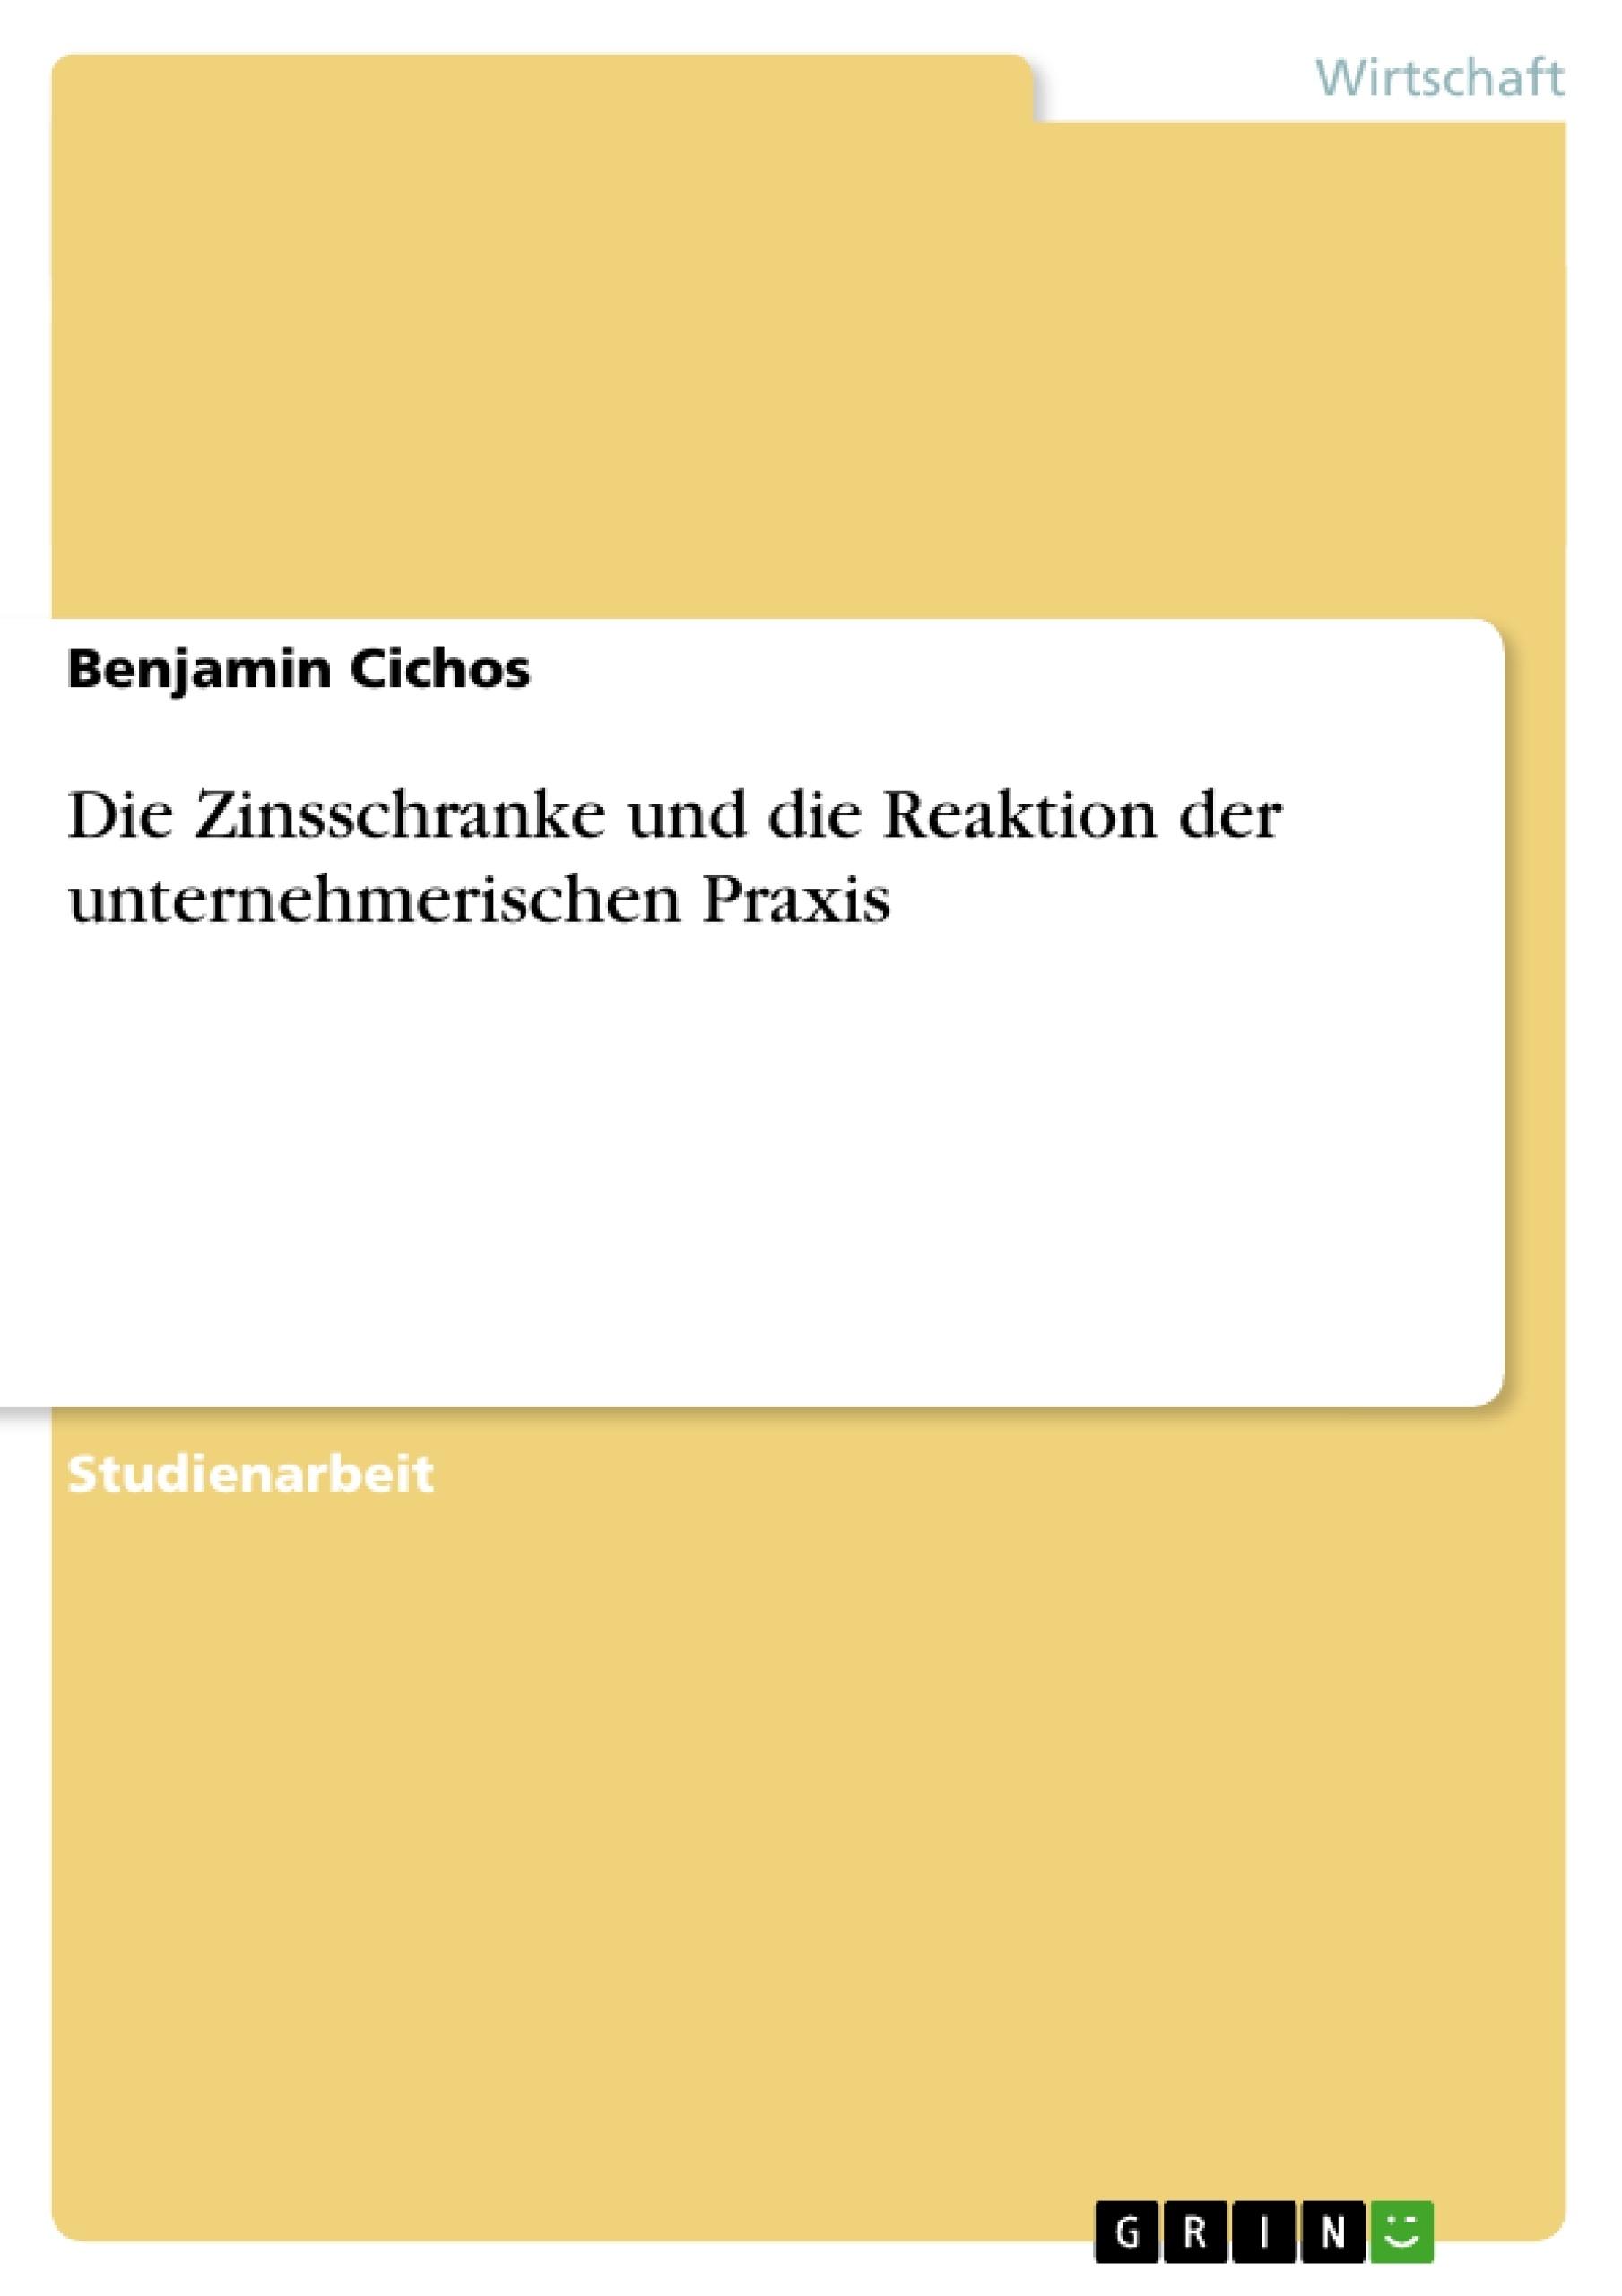 Titel: Die Zinsschranke und die Reaktion der unternehmerischen Praxis